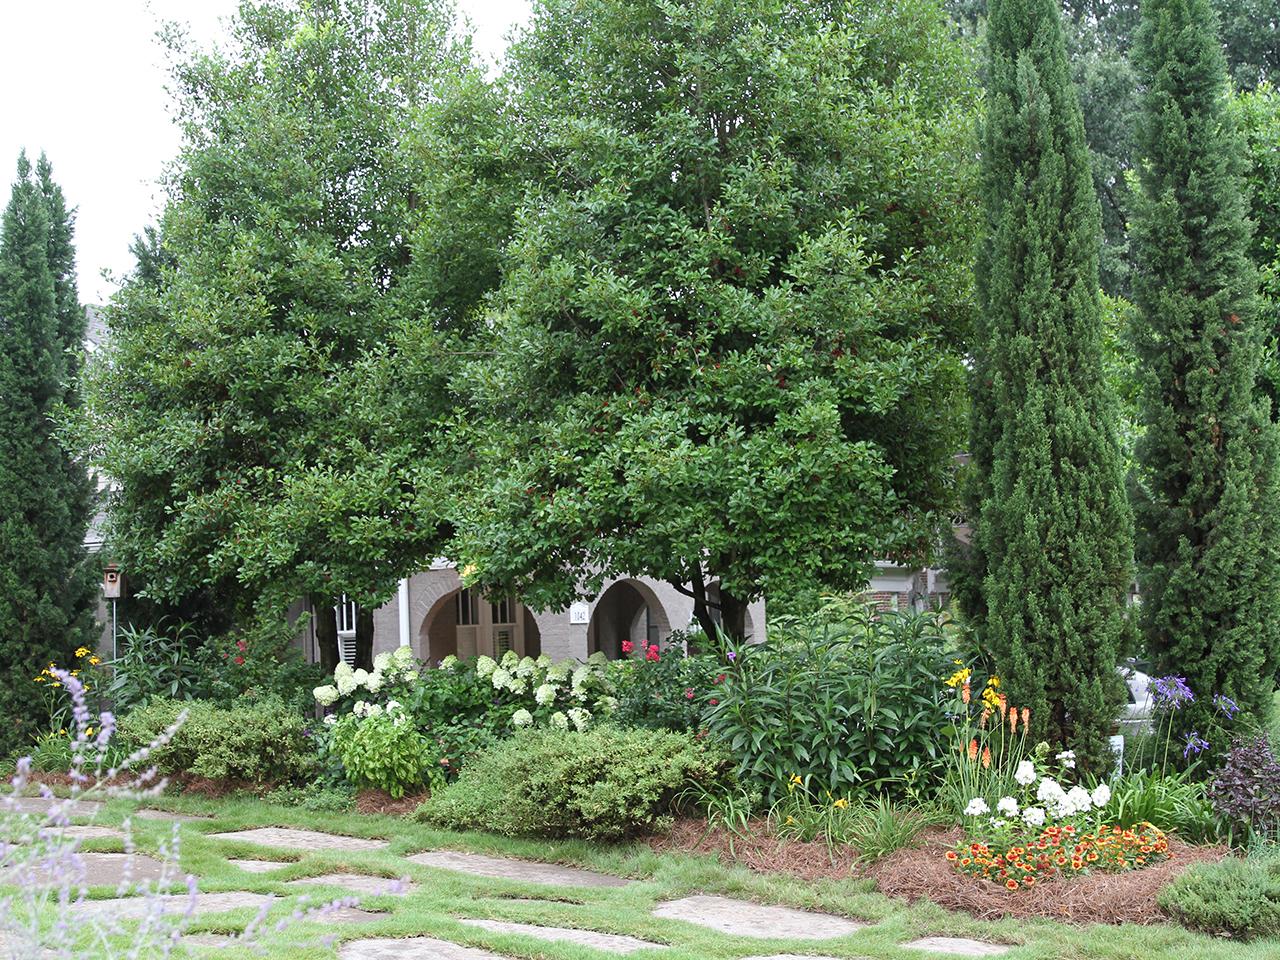 Home & Garden Design